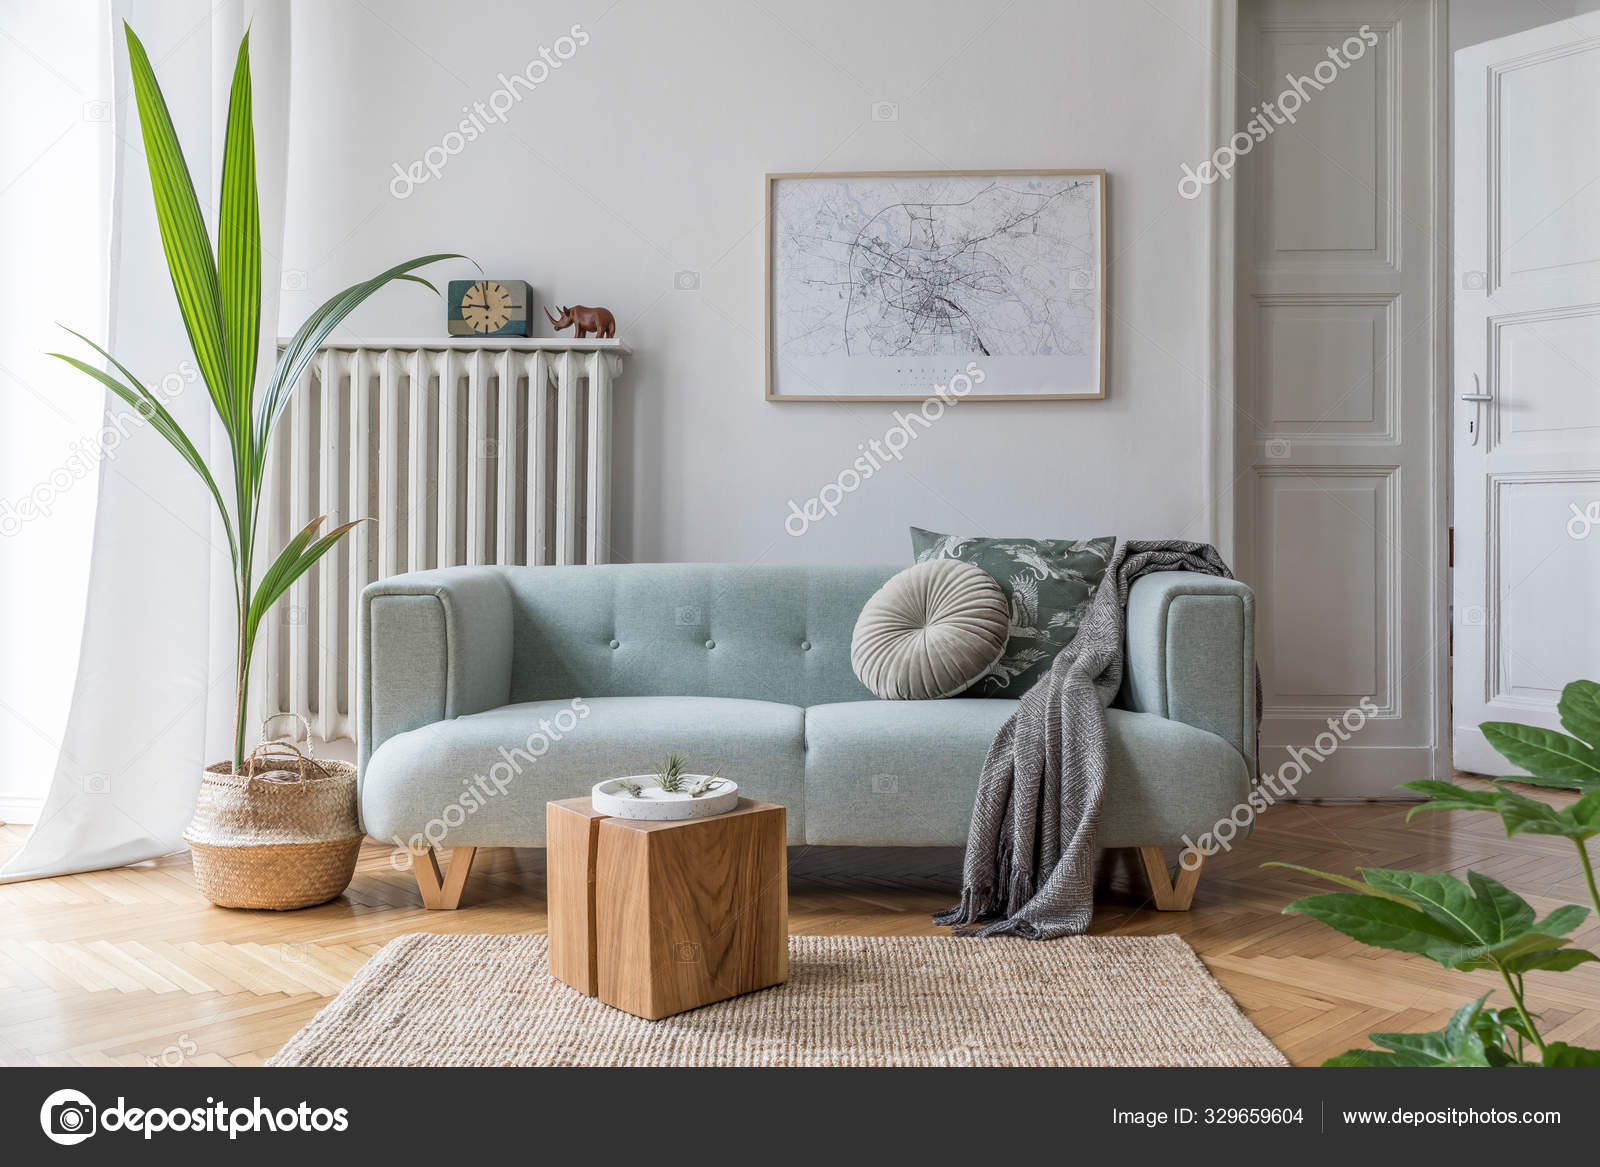 Modern Interieur Met Sofa Eigentijdse Accessoires Stijlvolle Woonkamer Design Home Stockfoto Rechtenvrije Foto Door C Followtheflow 329659604